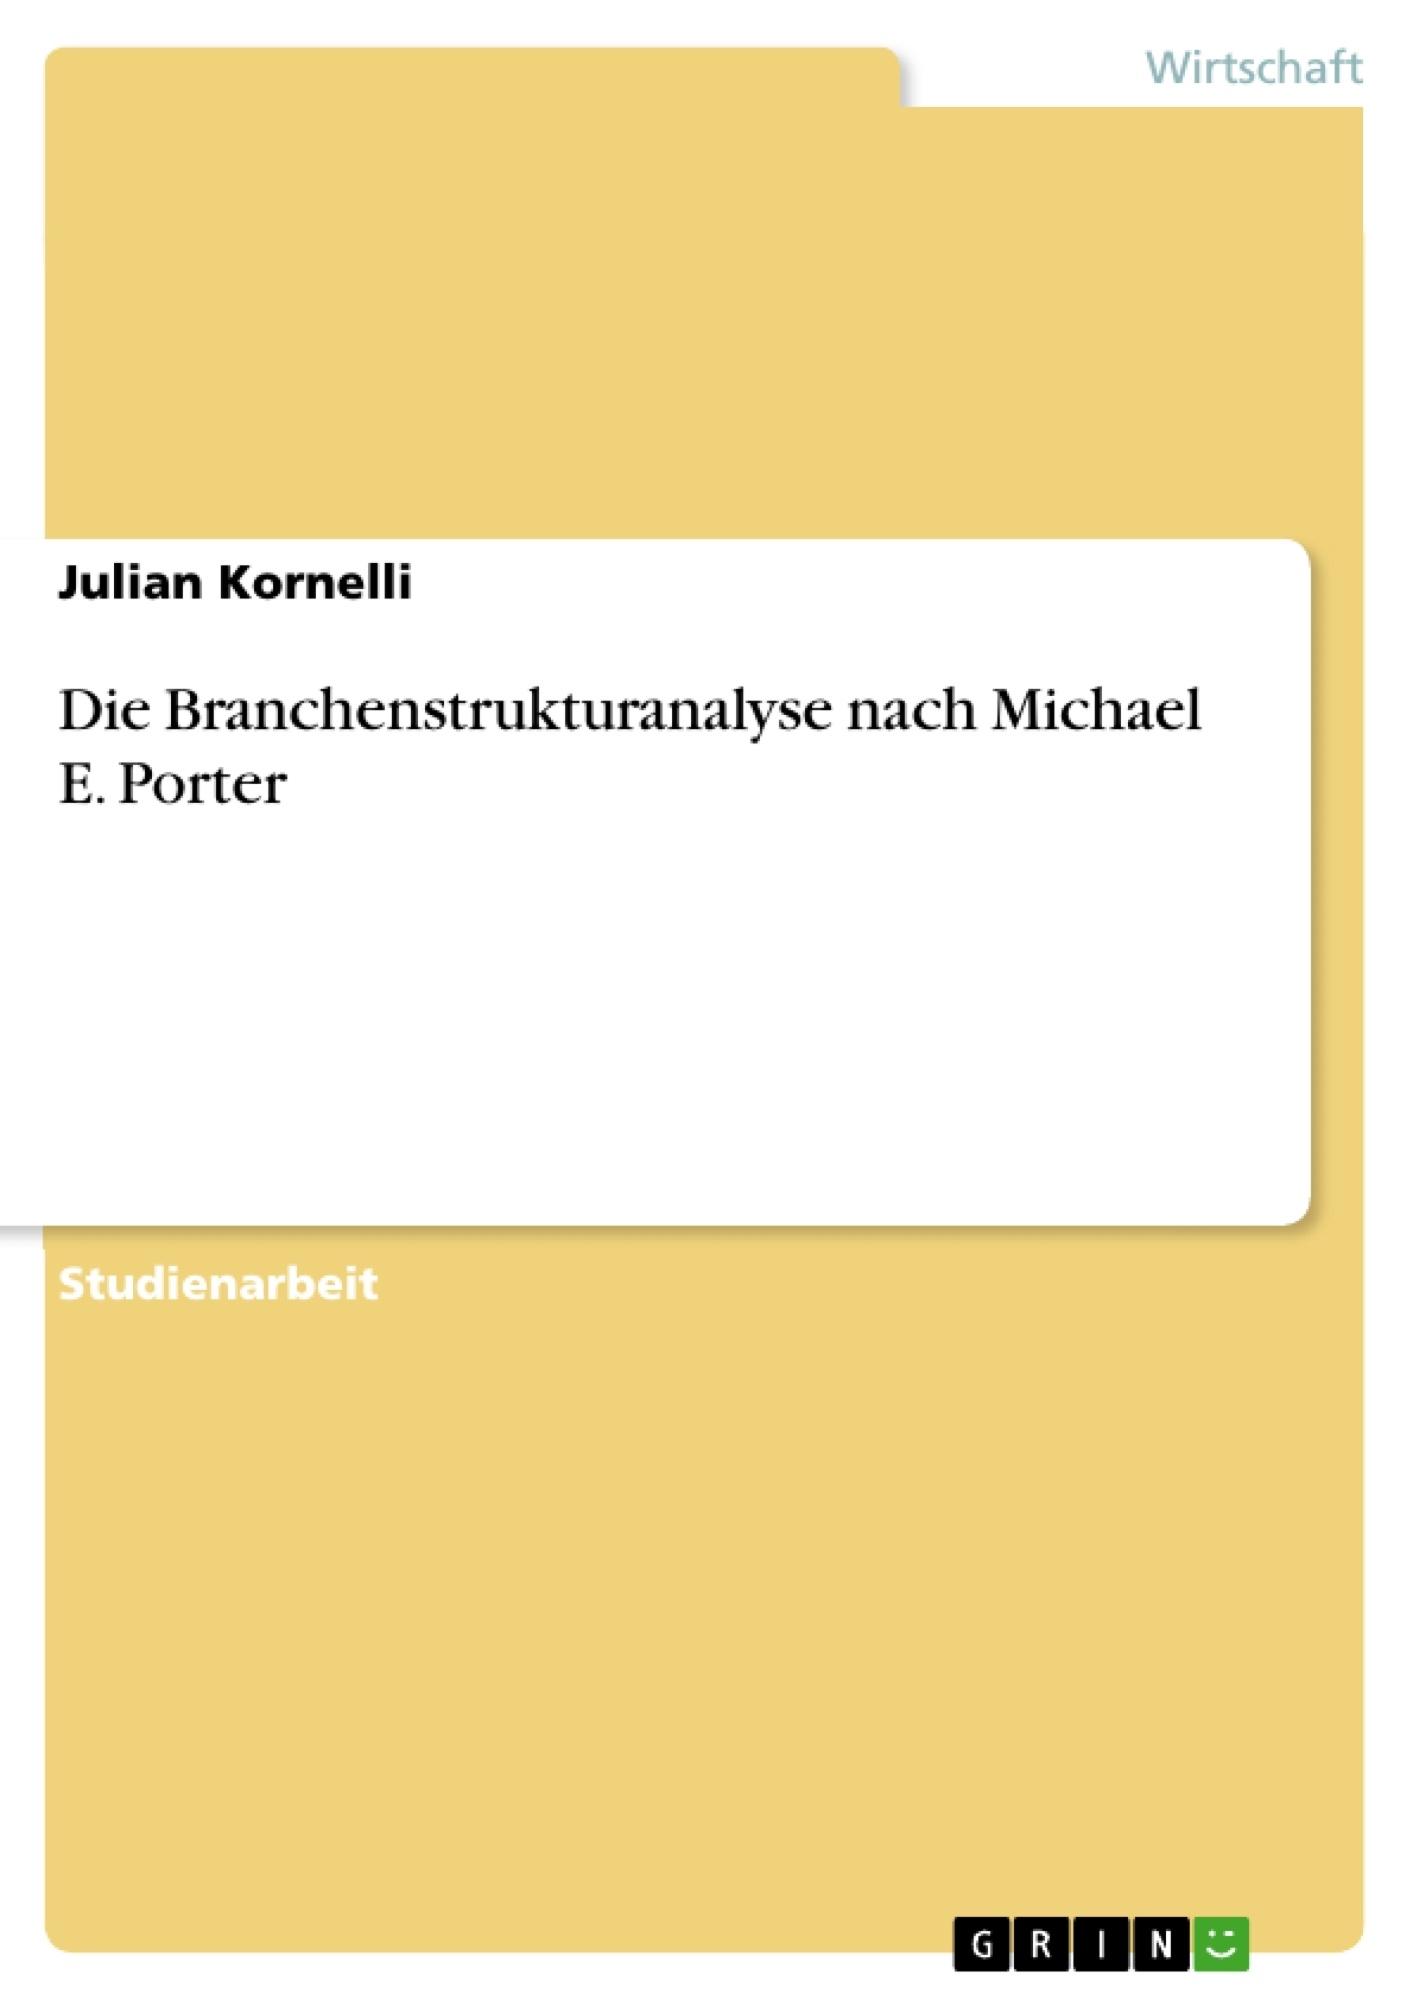 Titel: Die Branchenstrukturanalyse nach Michael E. Porter